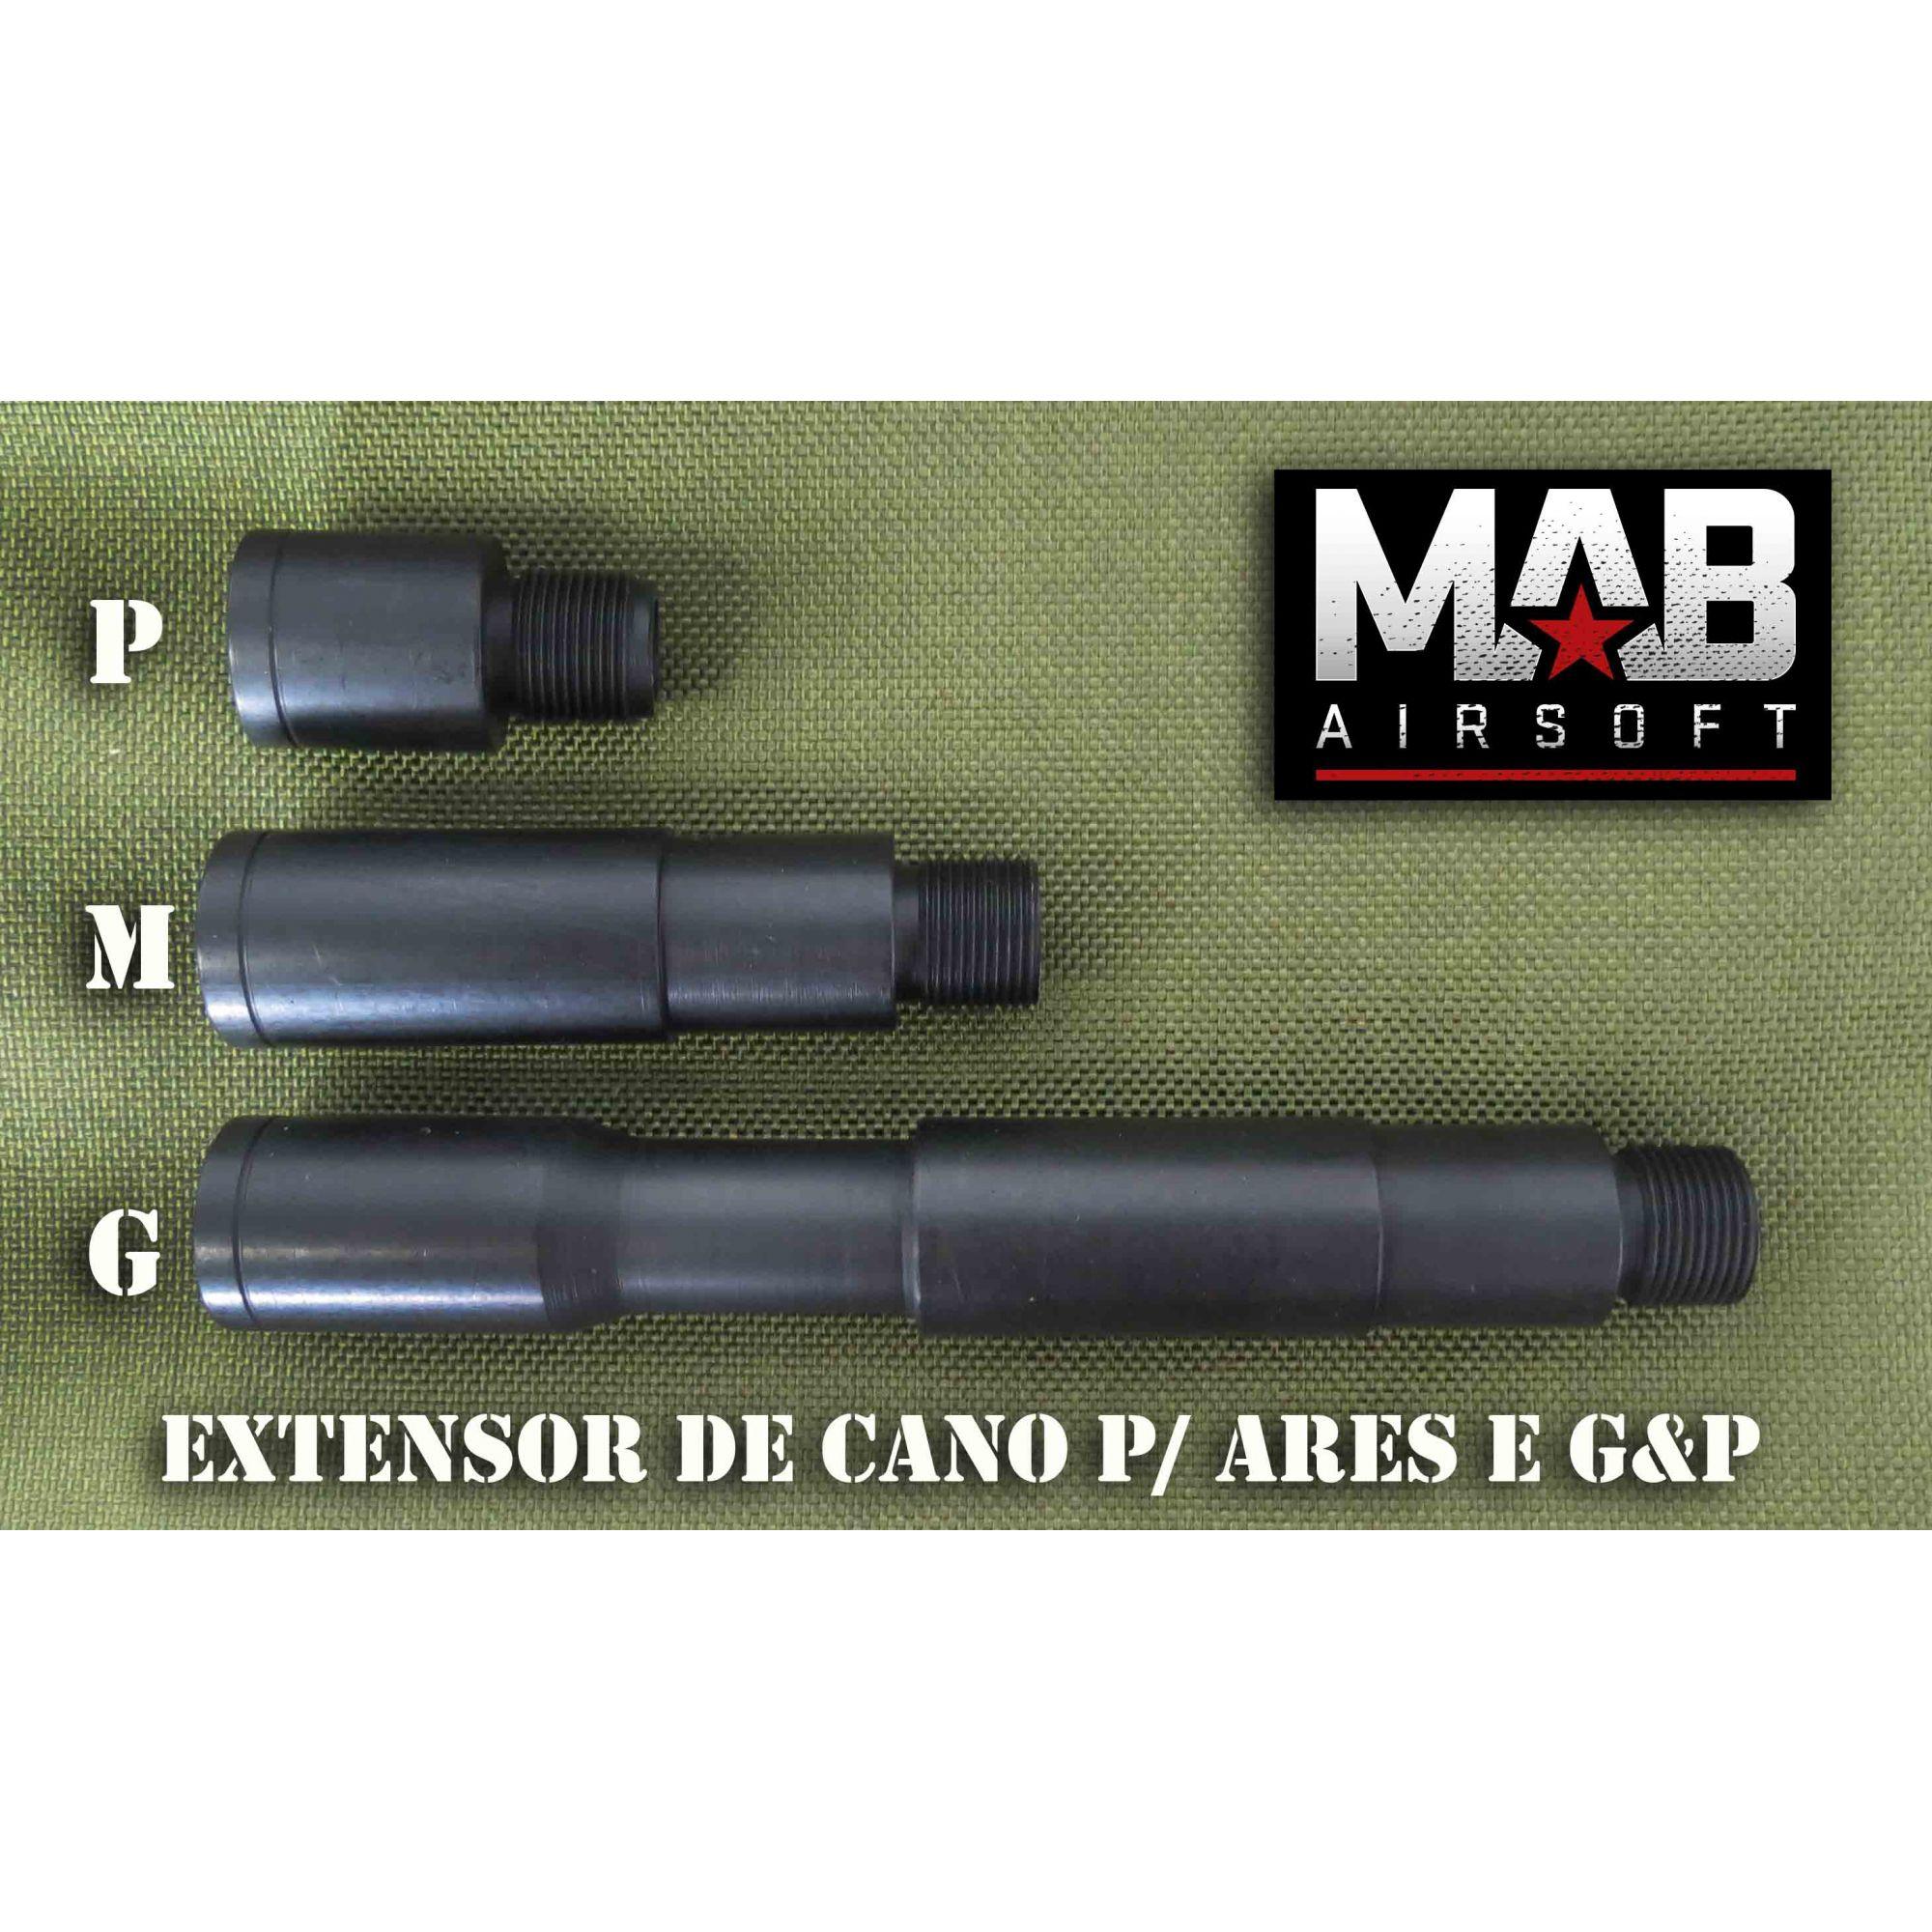 Extensor de Cano p/ Ares e G&P - Tamanho (P) - rosca Esq/ Dir  - MAB AIRSOFT